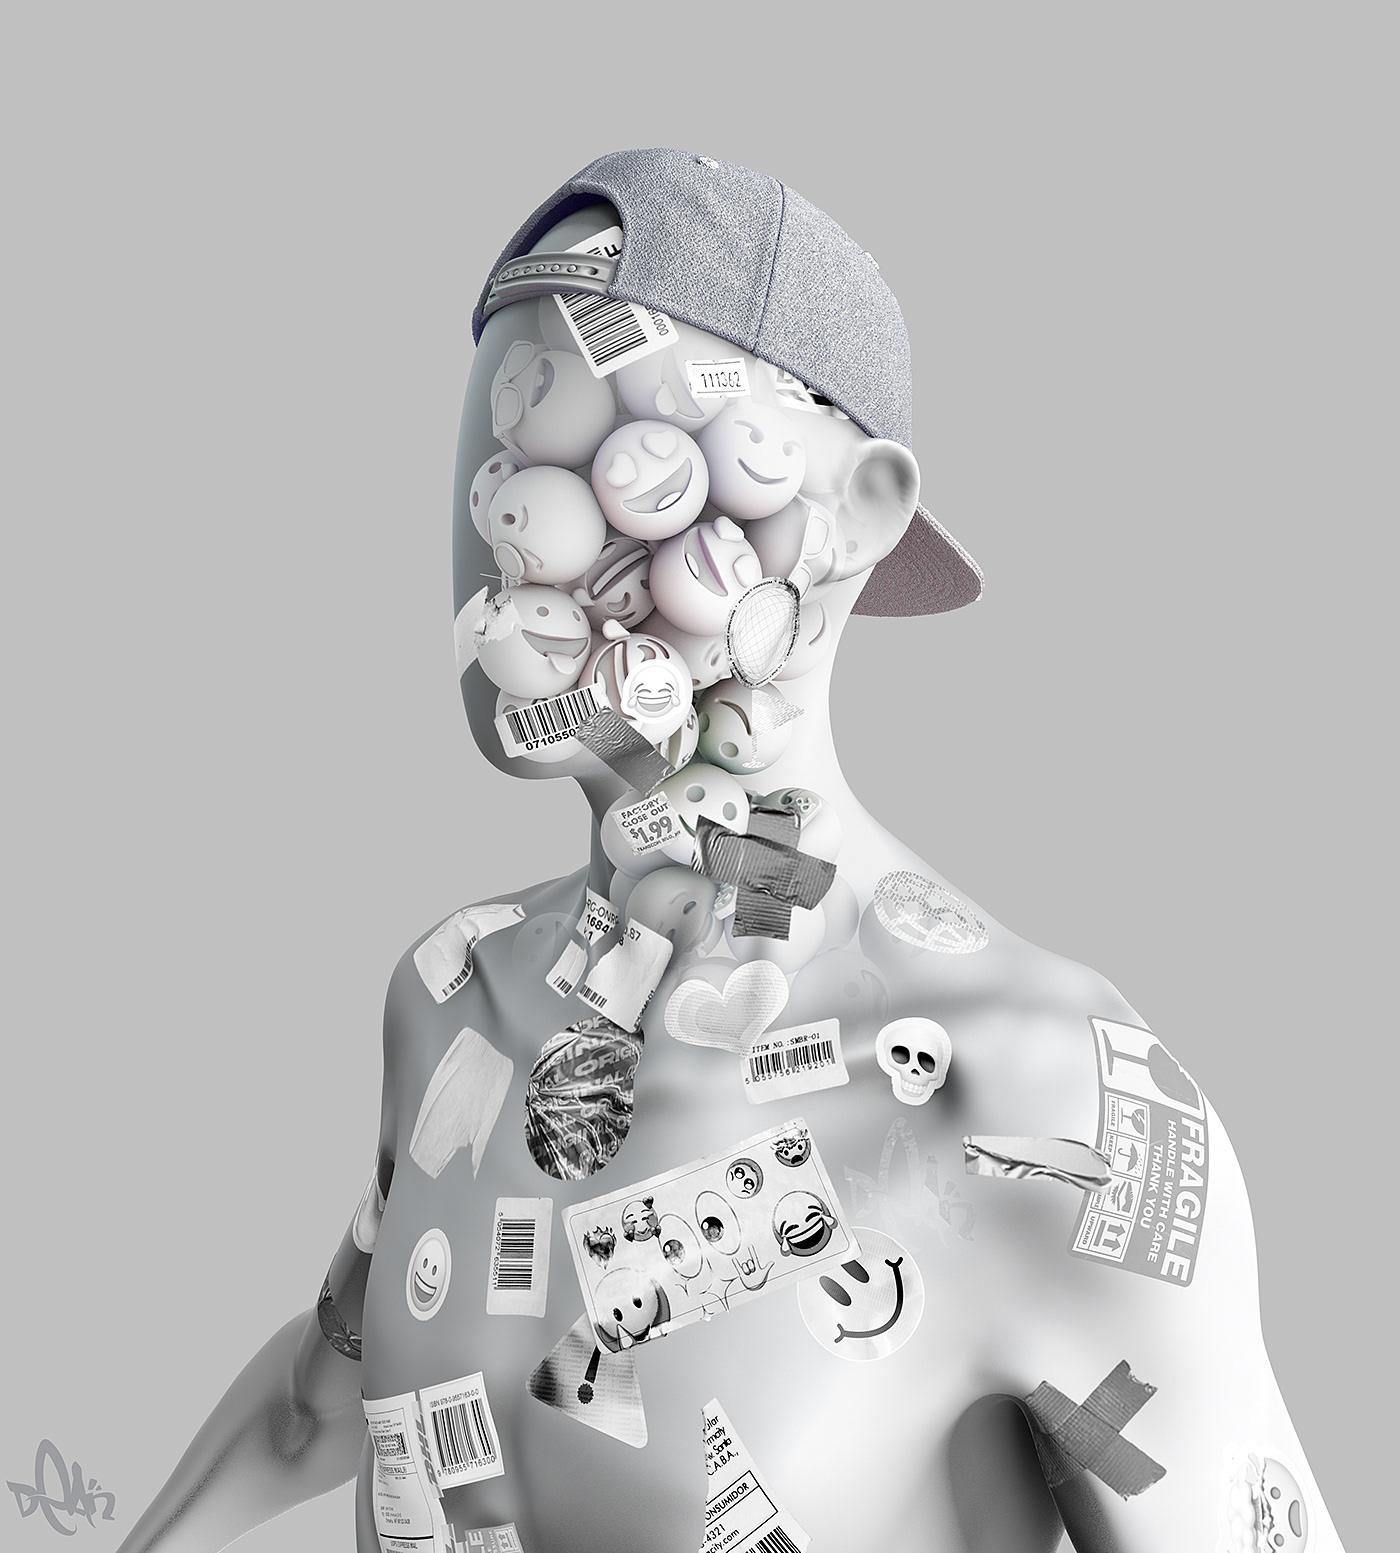 3D CGI cinema4d Emoji makersplace nft octane Render Sculpt stickers